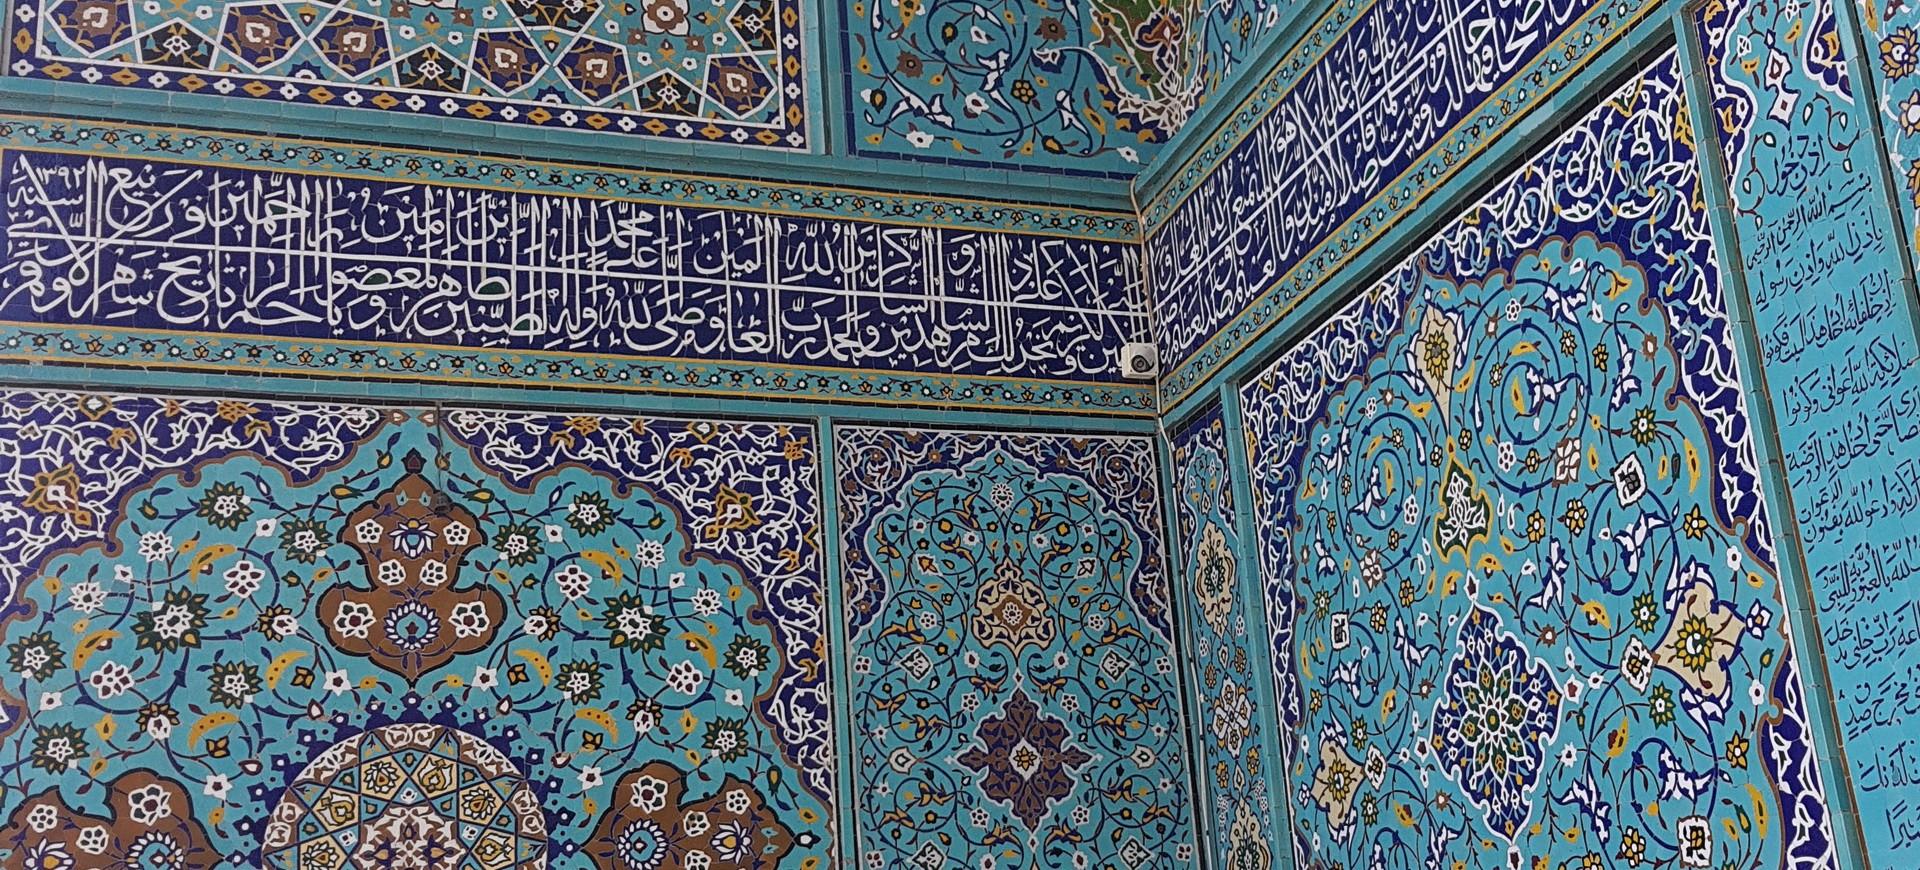 Mosaiques dans une mosquée à Qazvin en Iran